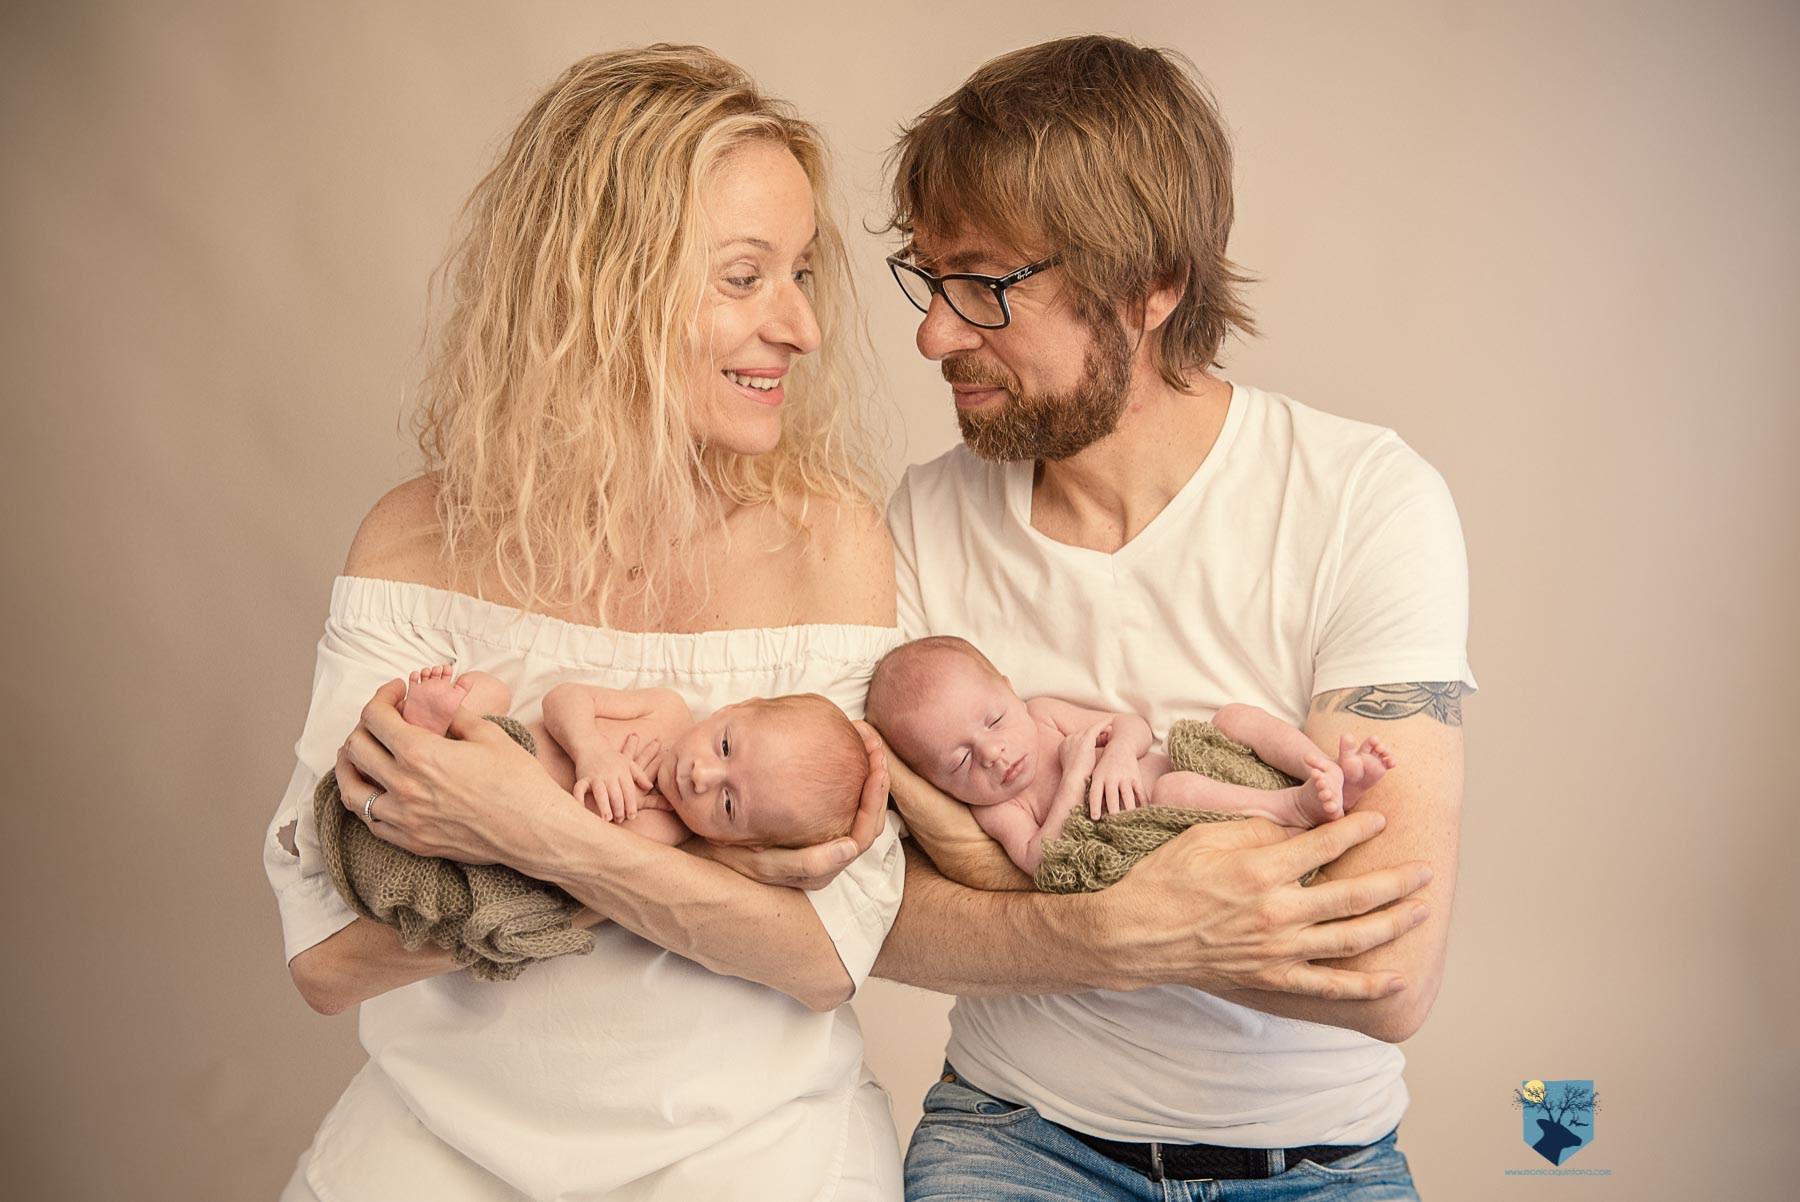 fotografia fotos fotografo fotografa fotograf girona figueres emporda, monica quintana, bebes niños, recien nacido, newborn familia retrato gemelos bessons nado fotos de gemelos recién nacidos